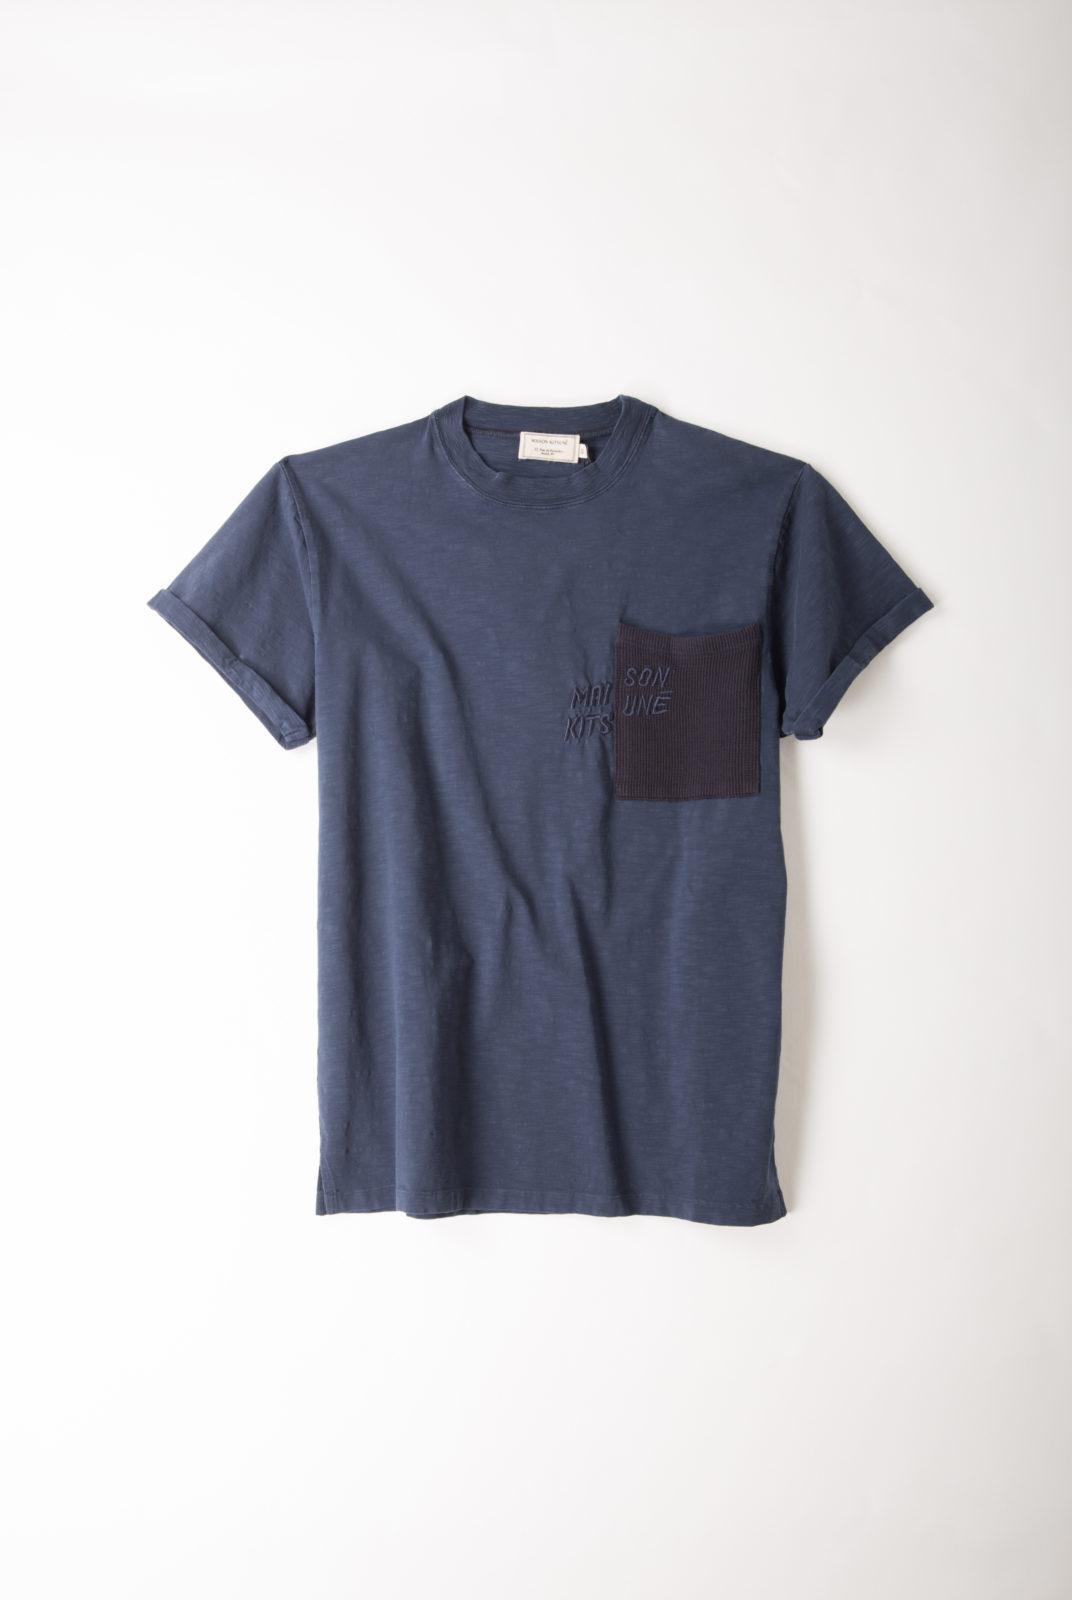 t-shirt, coton, navy, pocket, maison kitsuné